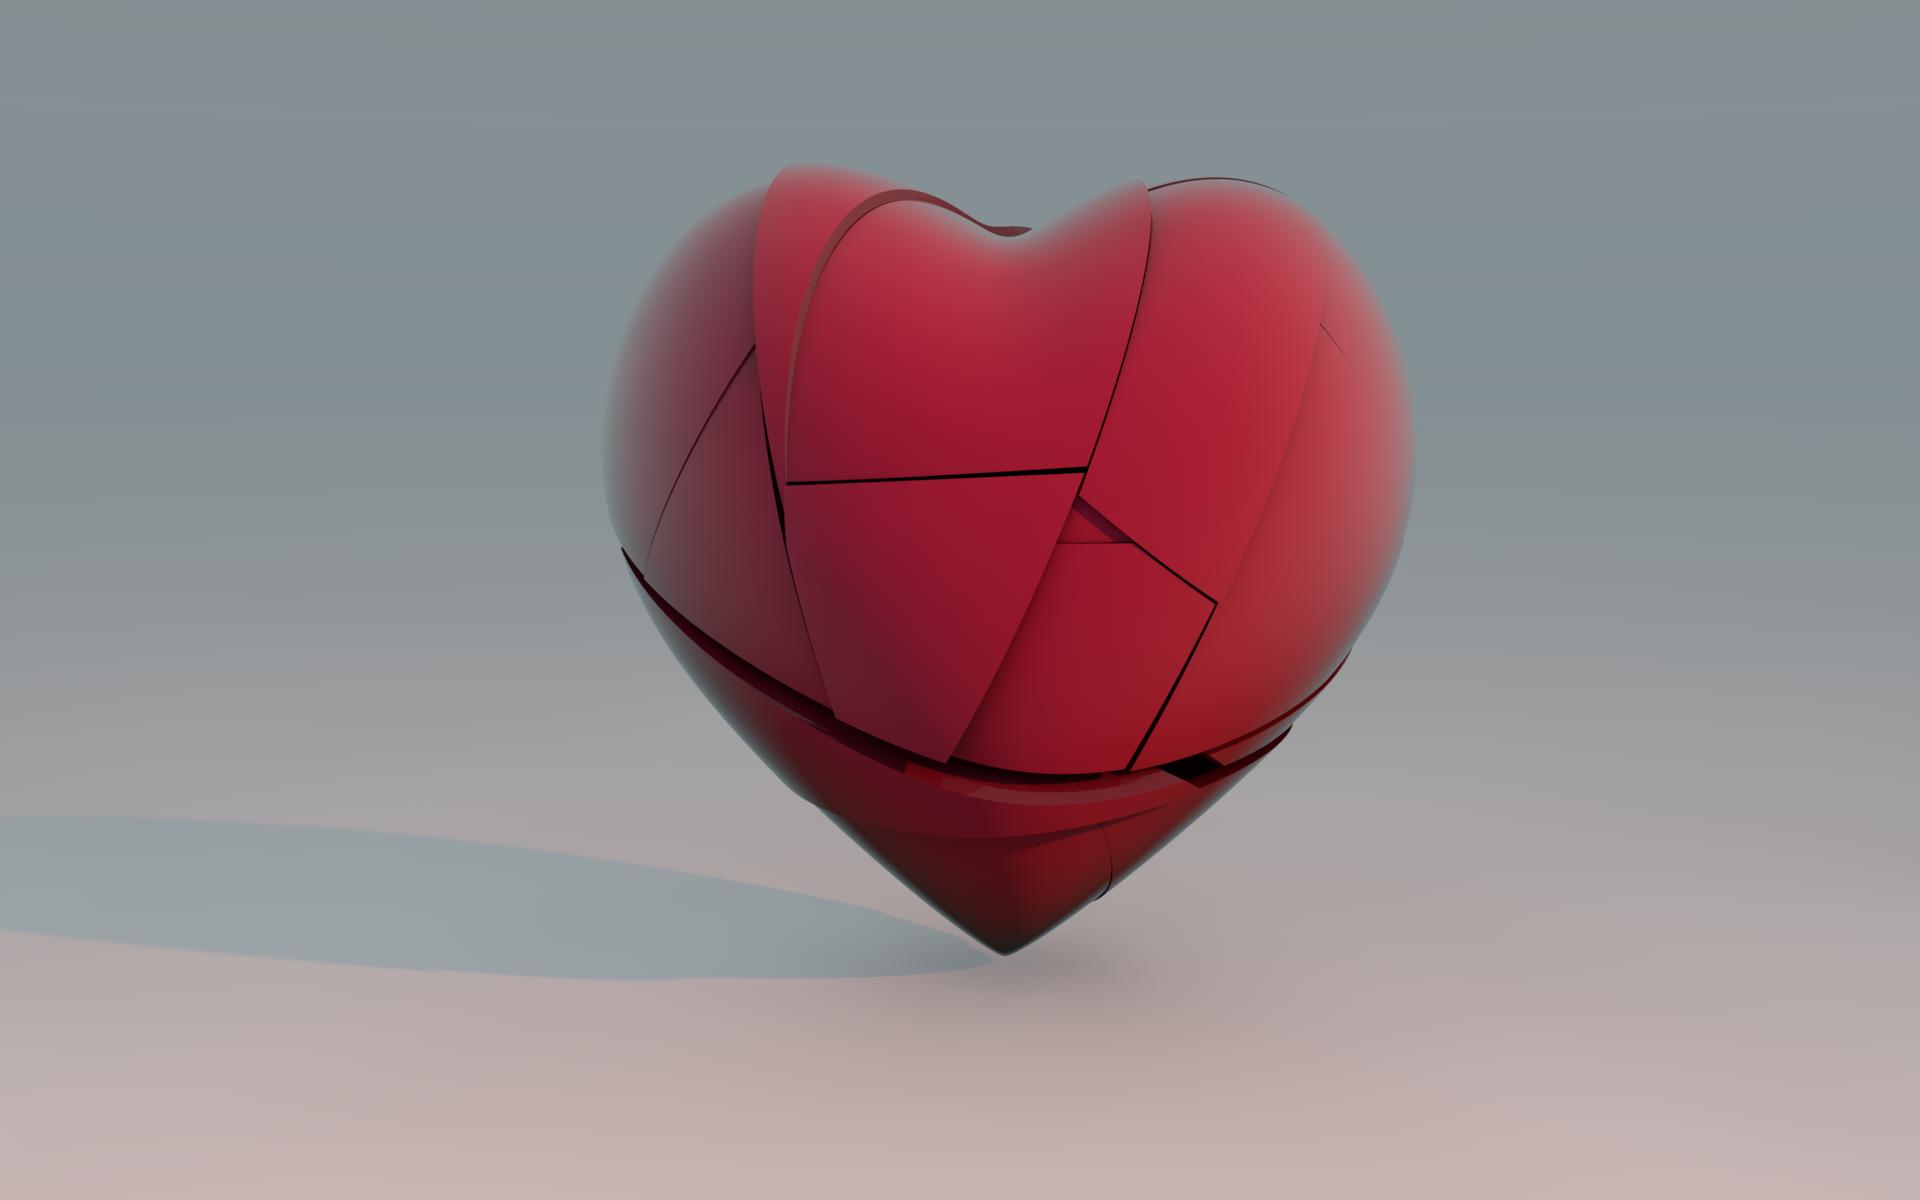 Broken Heart By N3xS